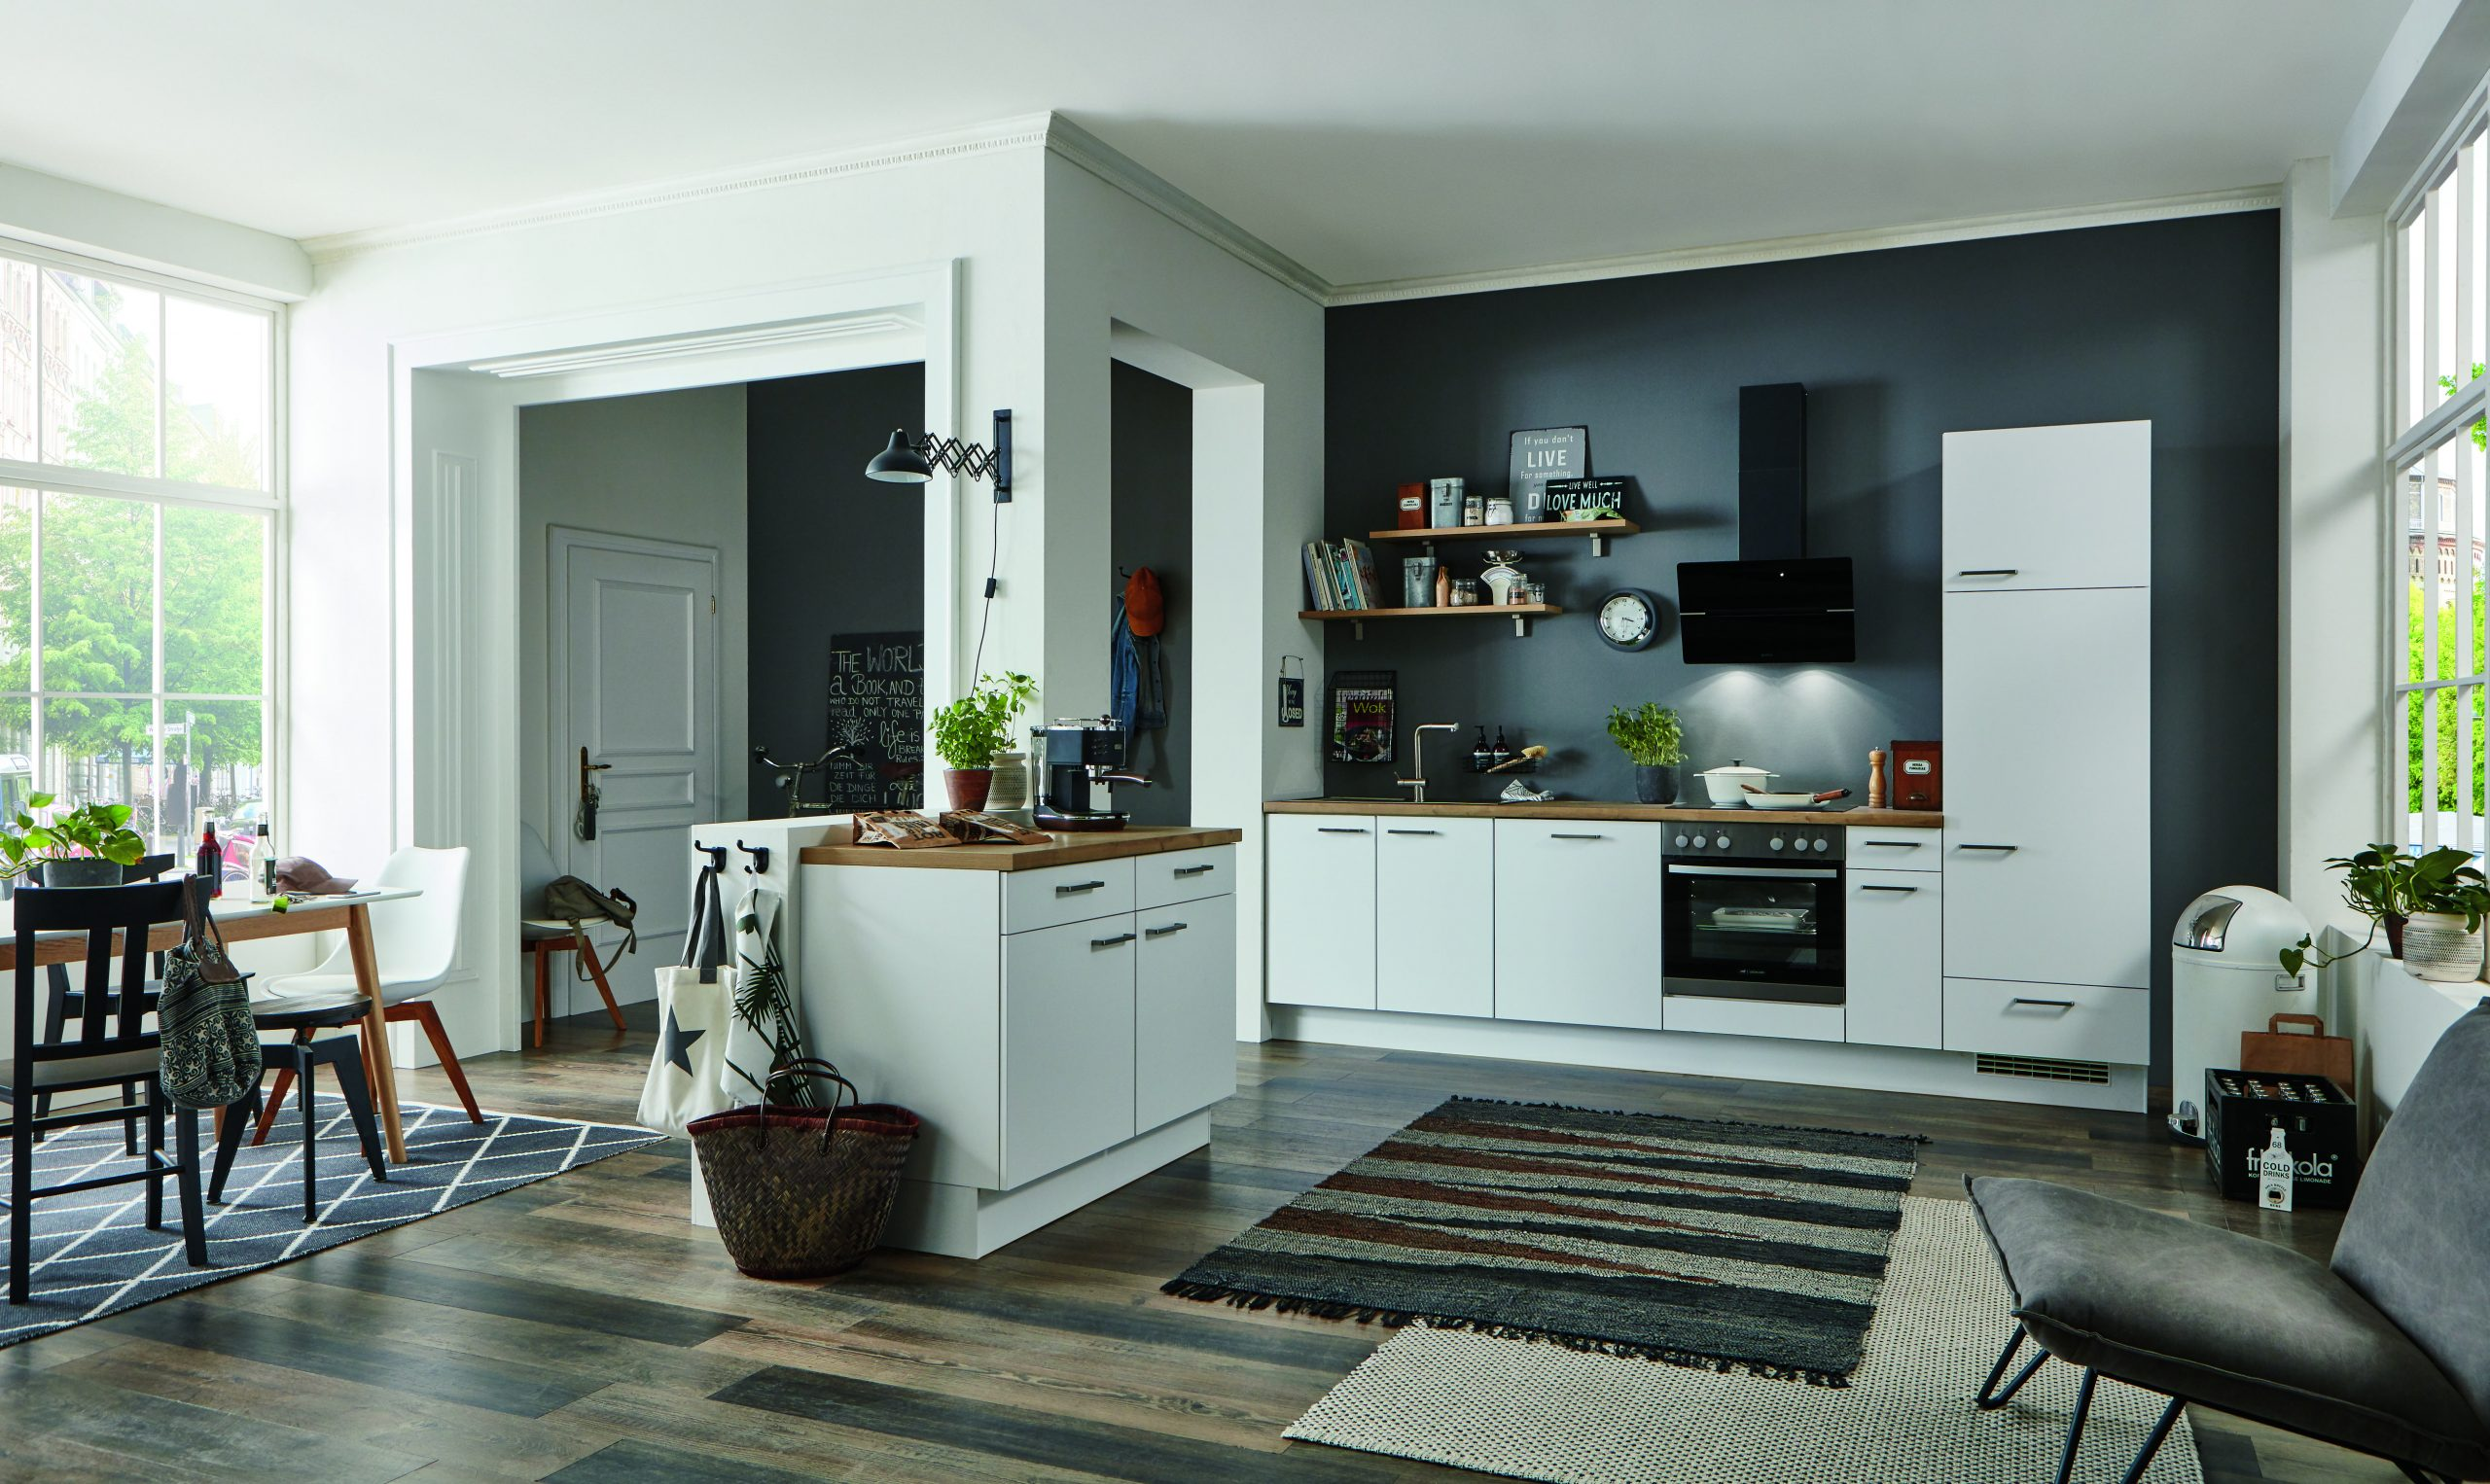 Full Size of Küche Zusammenstellen Günstig Respekta Küche Zusammenstellen Ikea Küche Zusammenstellen Vicco Küche Zusammenstellen Küche Küche Zusammenstellen